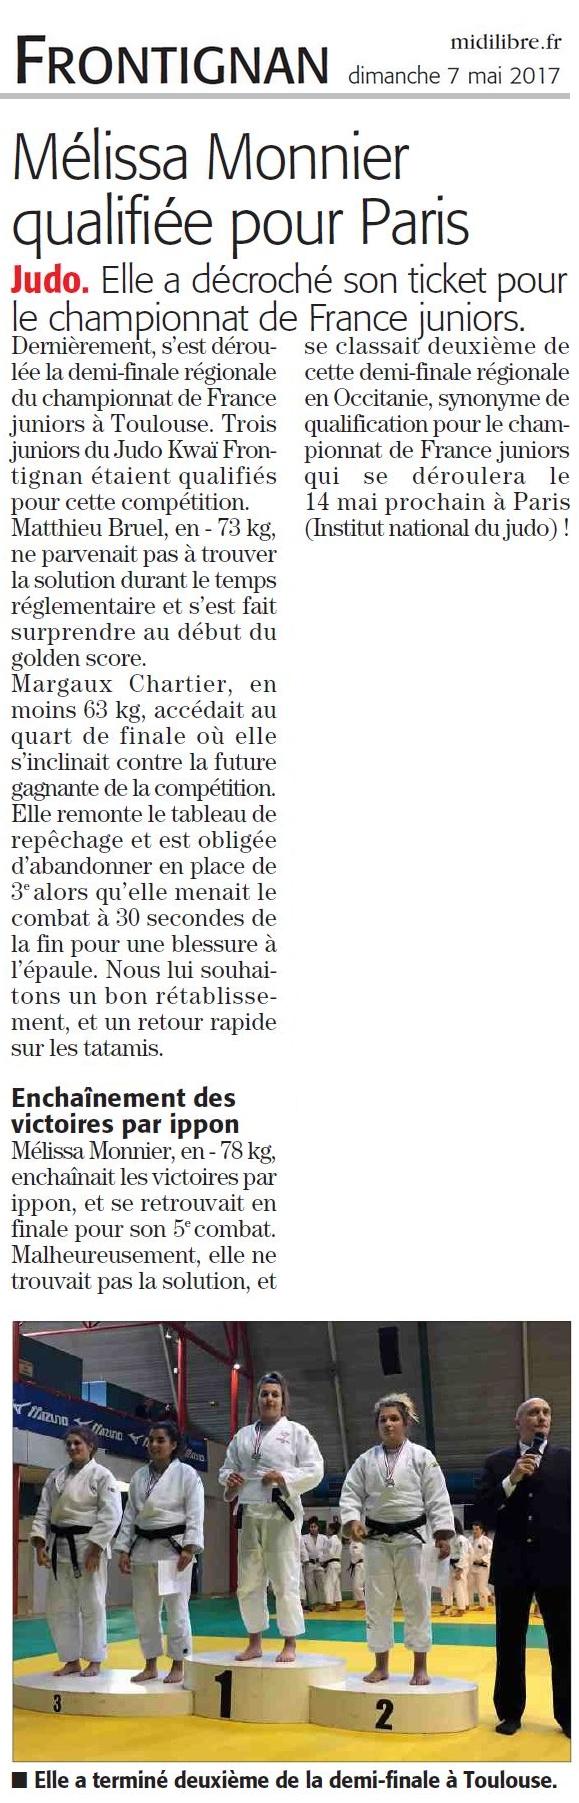 07 Mai 2017 (Midi Libre): Qualification au Championnat de France Juniors, Mélissa Monnier